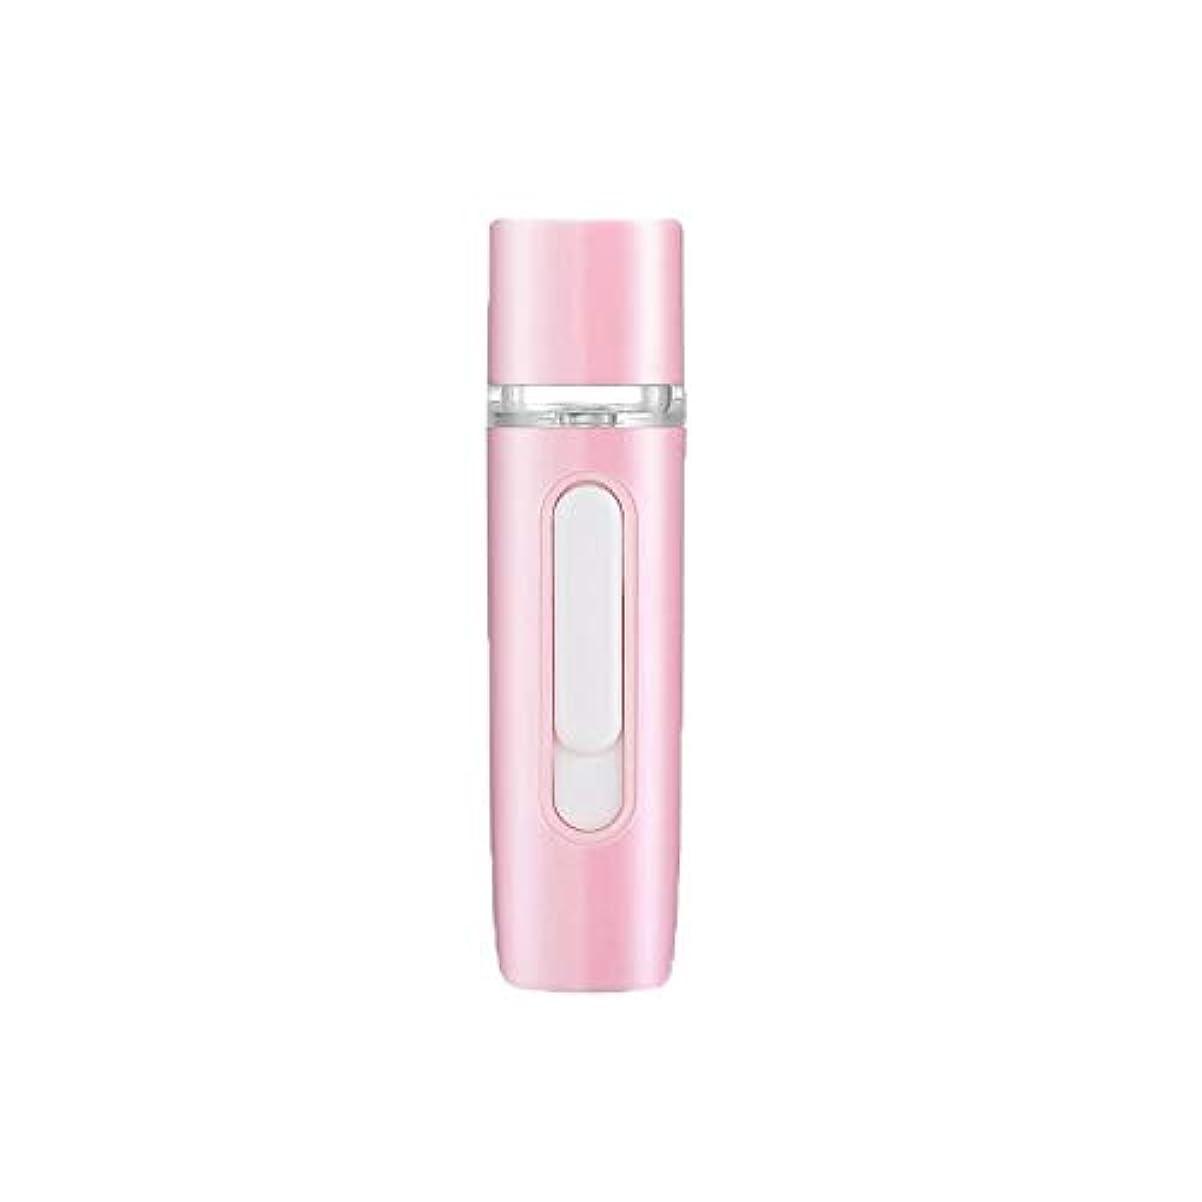 ZXF 新しいハンドヘルドポータブル水和機器美容機器ABS材料コールドスプレー蒸し面マルチプレックス充電宝物加湿器ピンクセクションホワイト 滑らかである (色 : Pink)